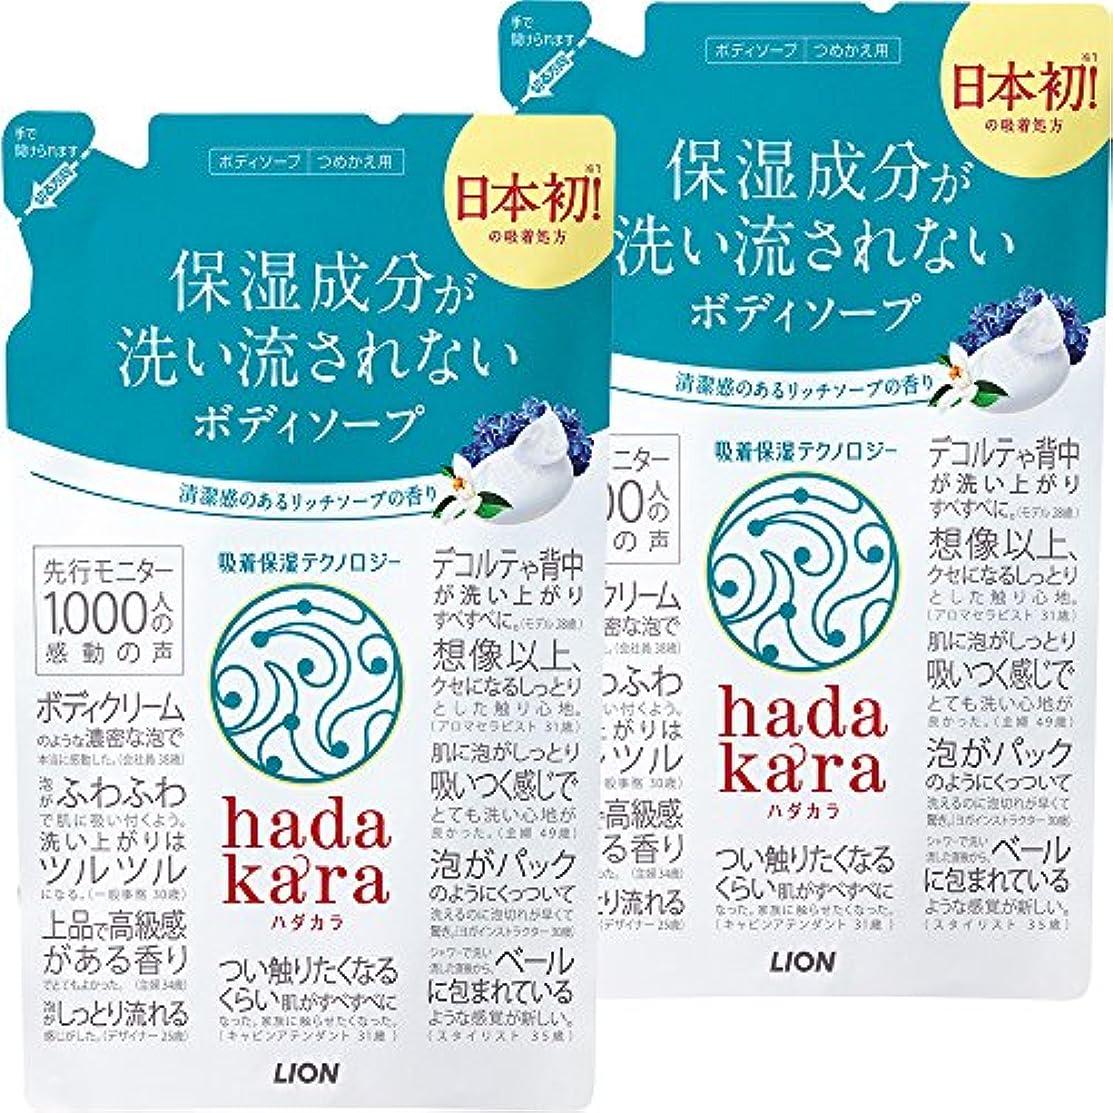 超越する素晴らしさ皮肉な【まとめ買い】hadakara(ハダカラ) ボディソープ リッチソープの香り 詰め替え 360ml×2個パック